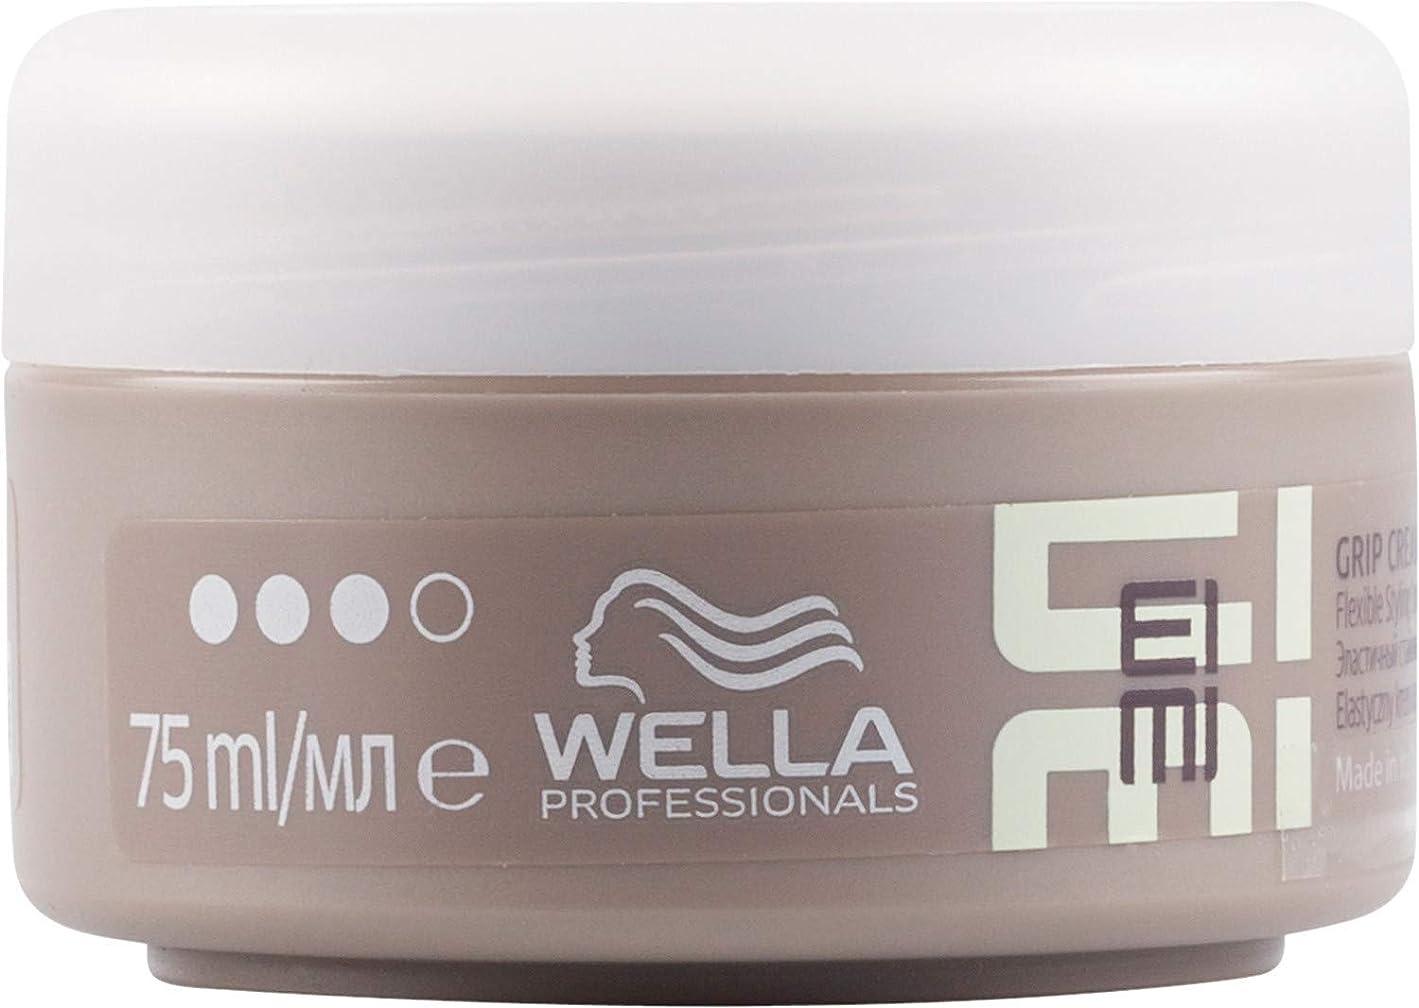 瞳エンジニアリング続編ウエラ アイミィ グリップ クリーム Wella EIMI Grip Cream 75 ml [並行輸入品]